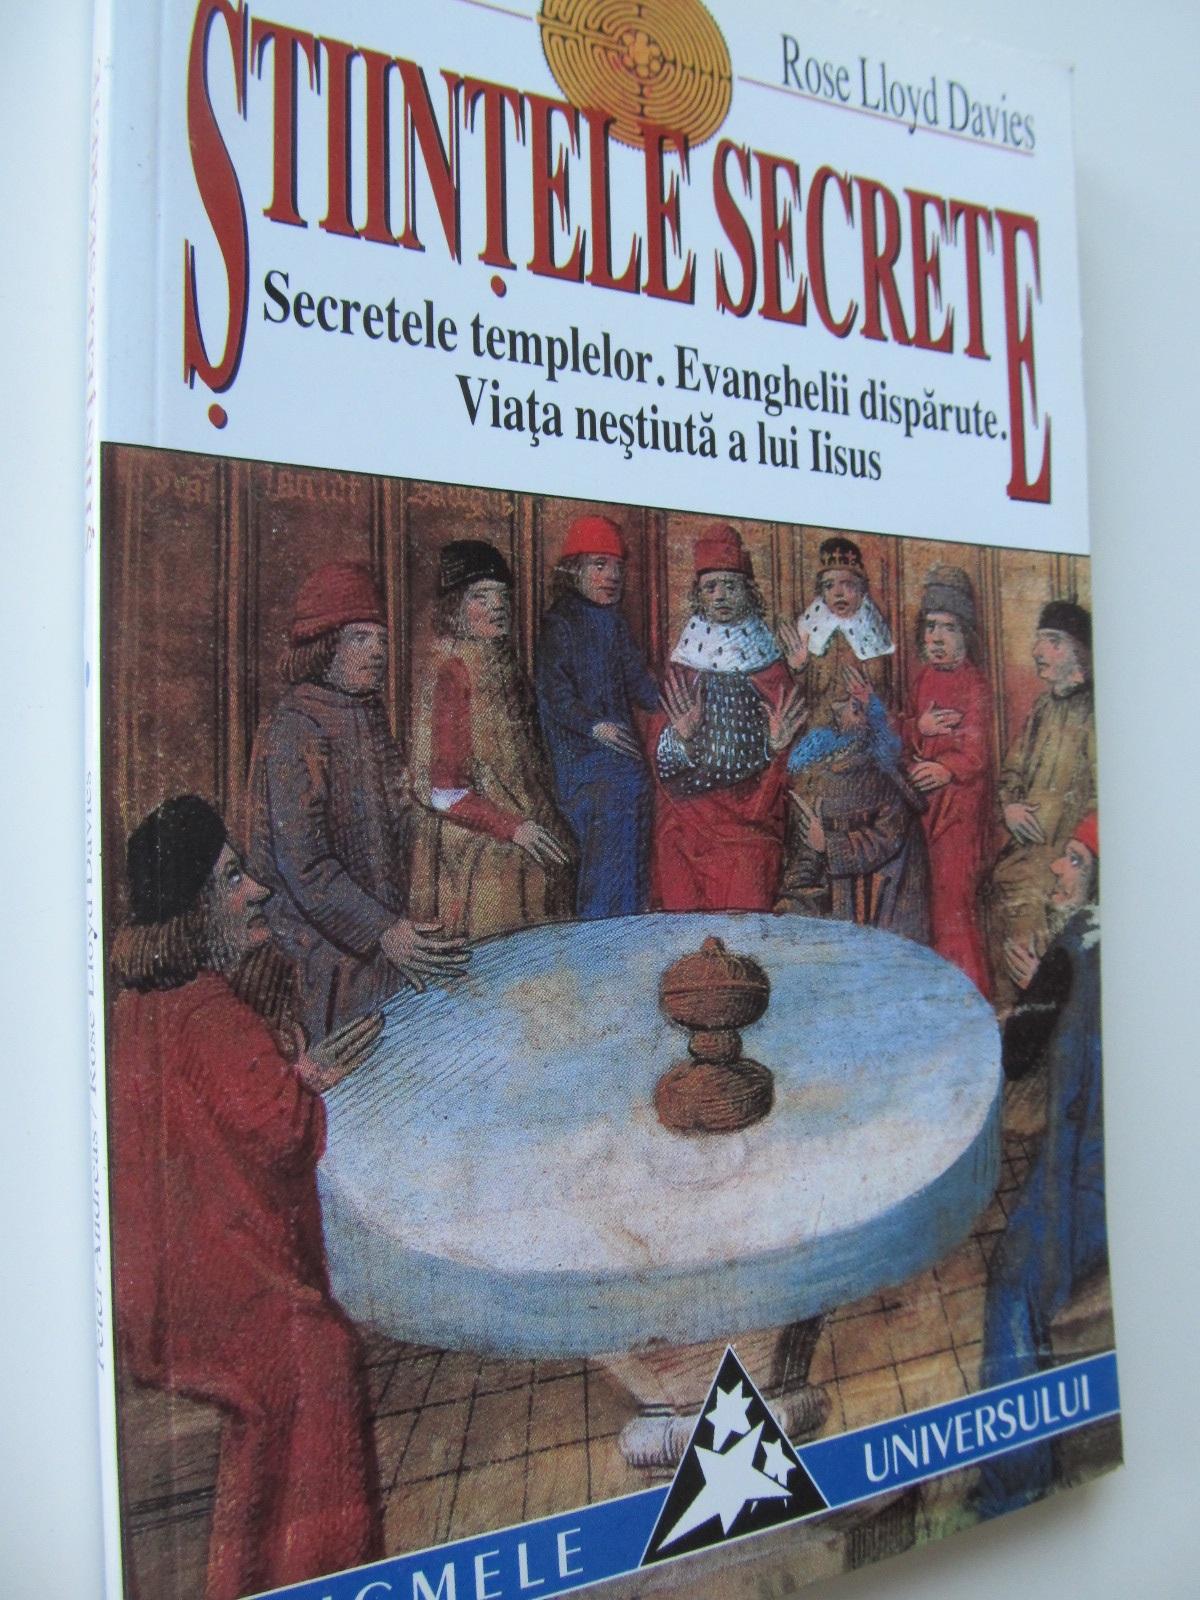 Stiintele secrete Secretele templelor Evanghelii disparute Viata nestiuta a lui Iisus - Peter Andreas.. | Detalii carte